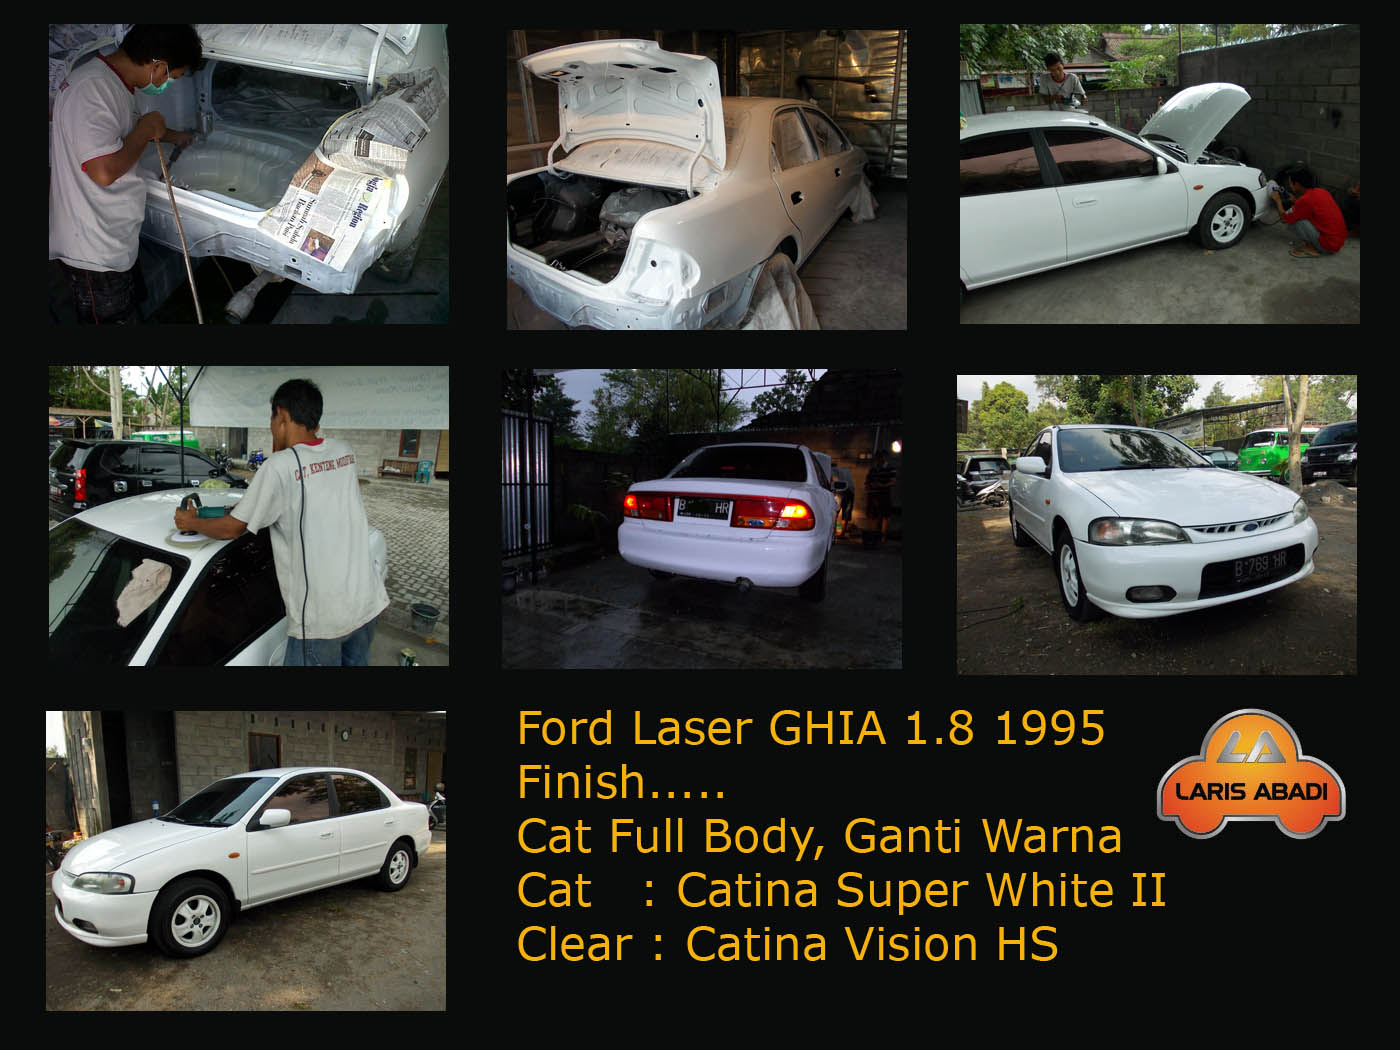 Ford Laser KJ GHIA 1995 Pengecatan Ulang - Laris Abadi